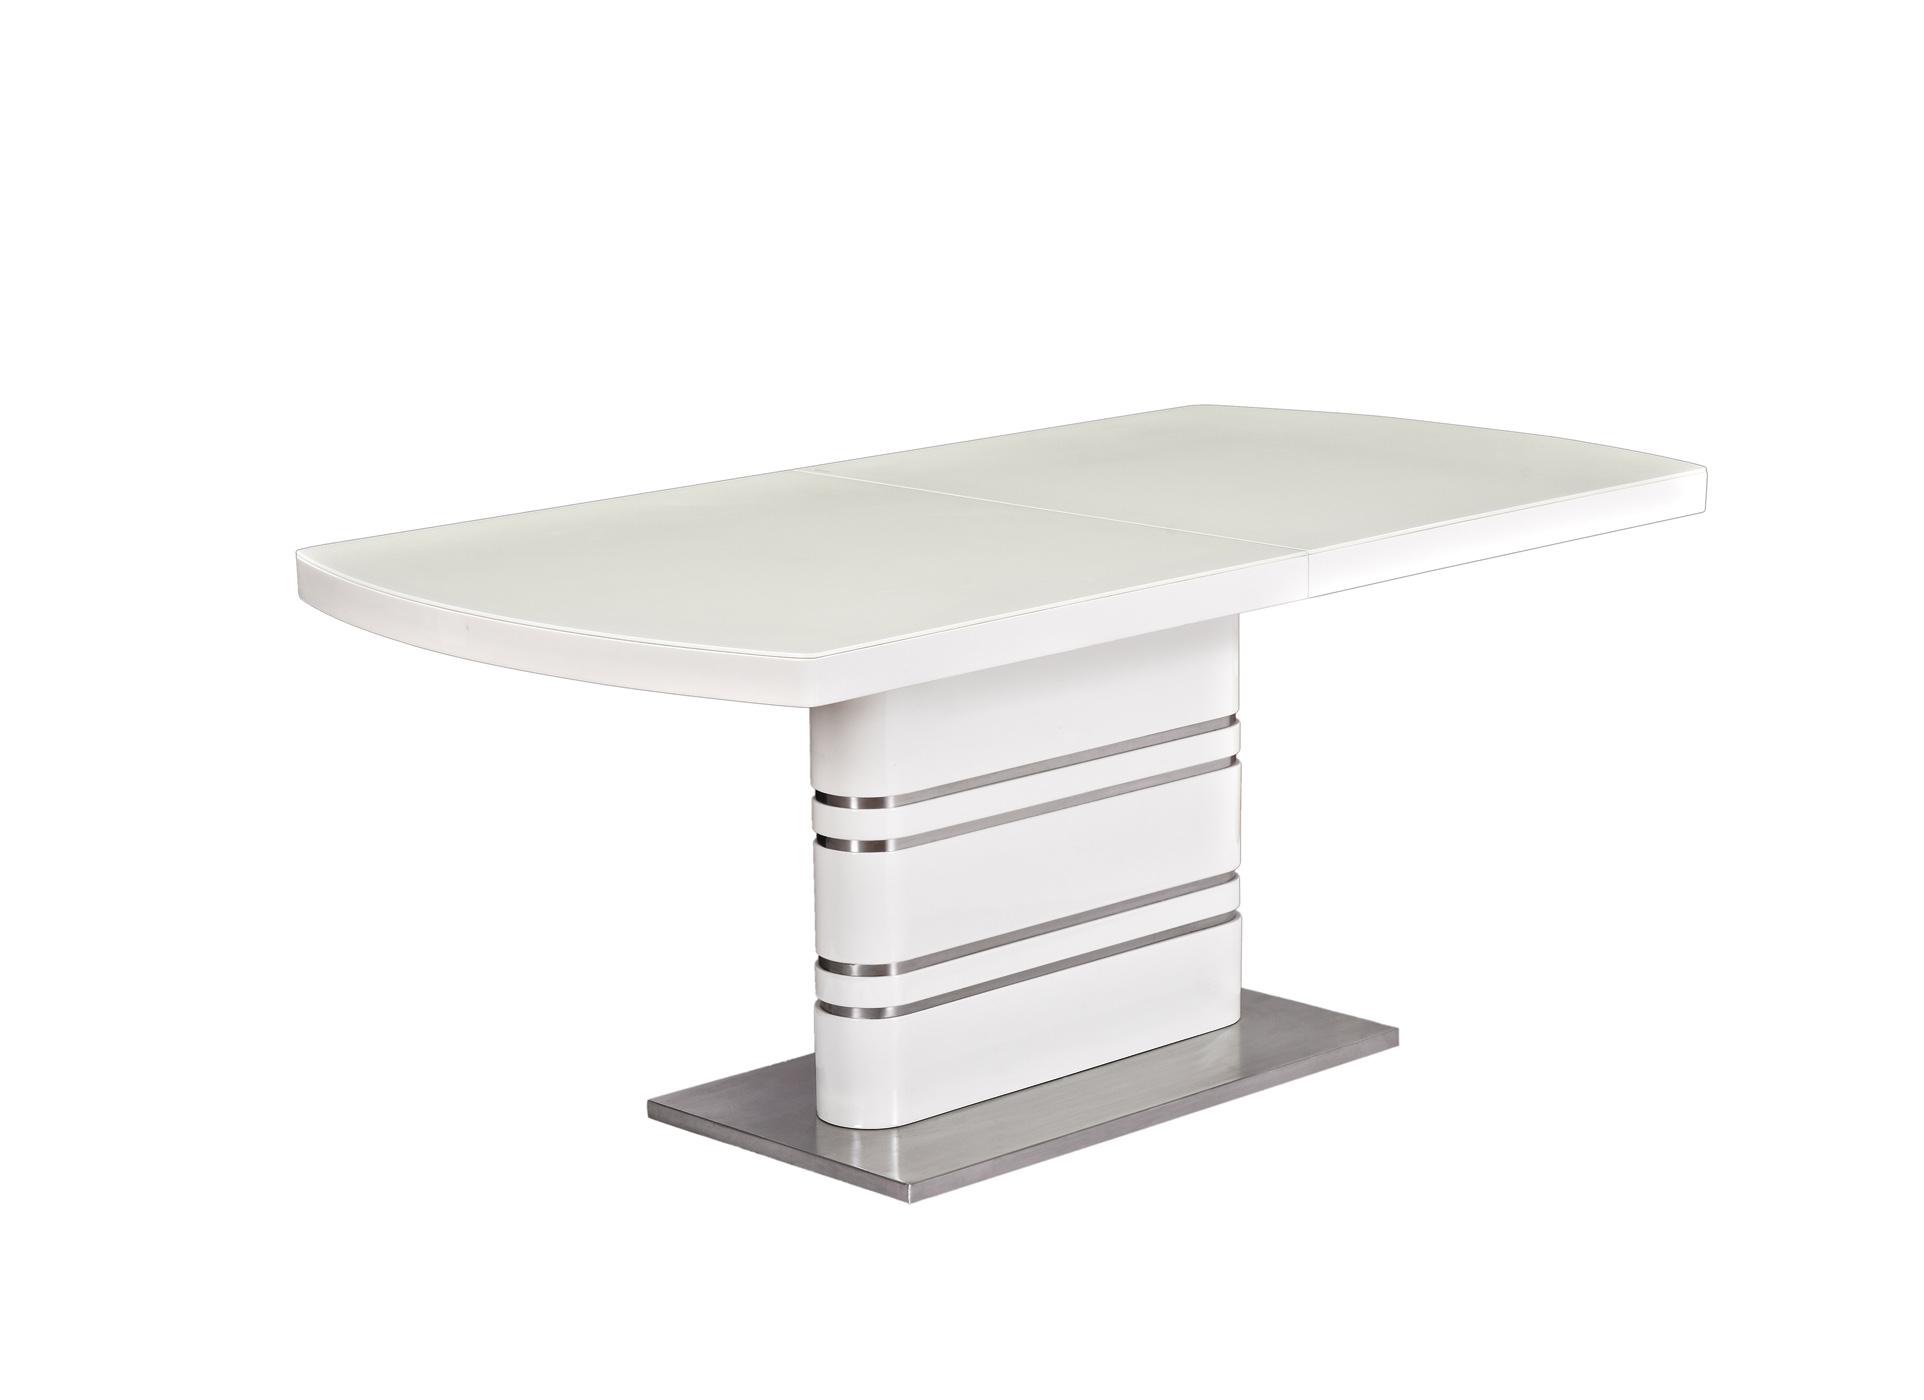 Signal Jedálenský stôl GUCCI stoly: 76 x 85 x 140 / 200 cm